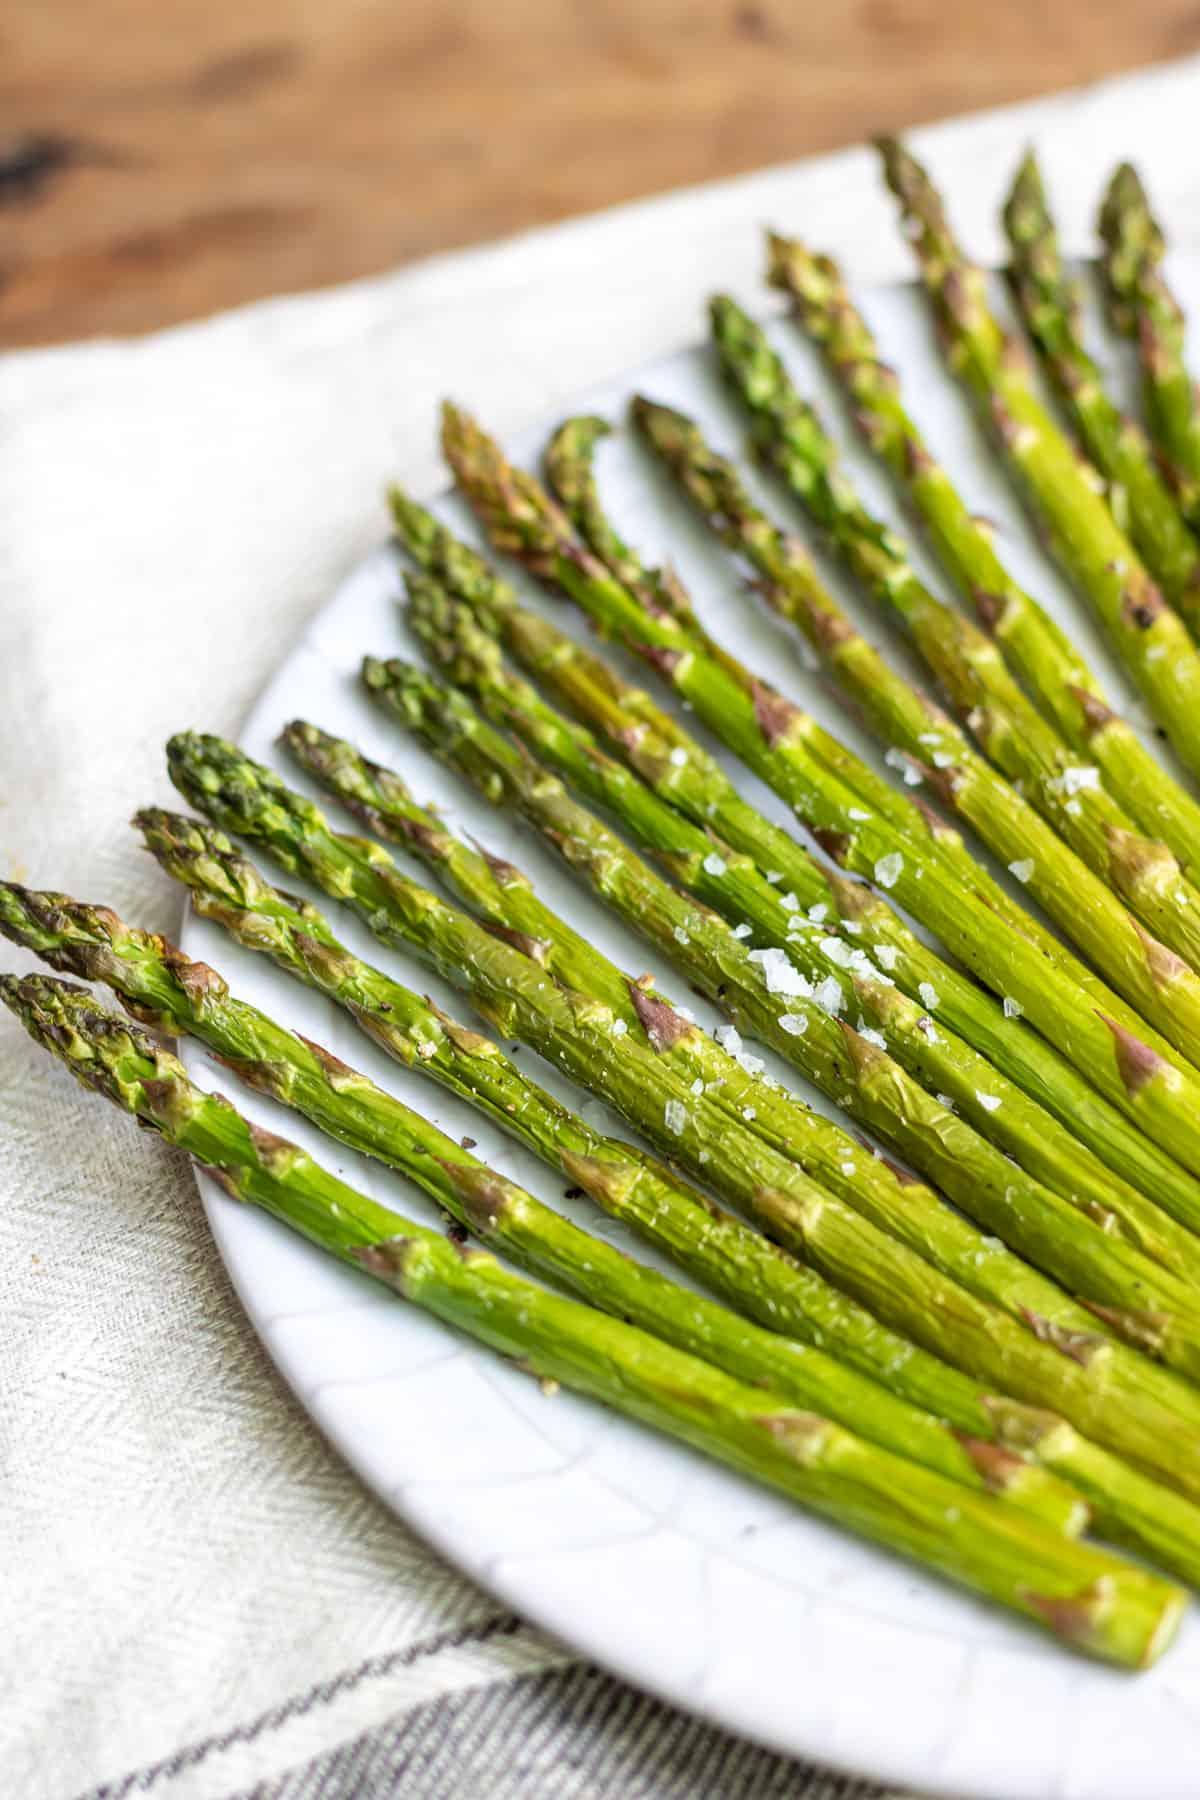 A plate of asparagus on a table.